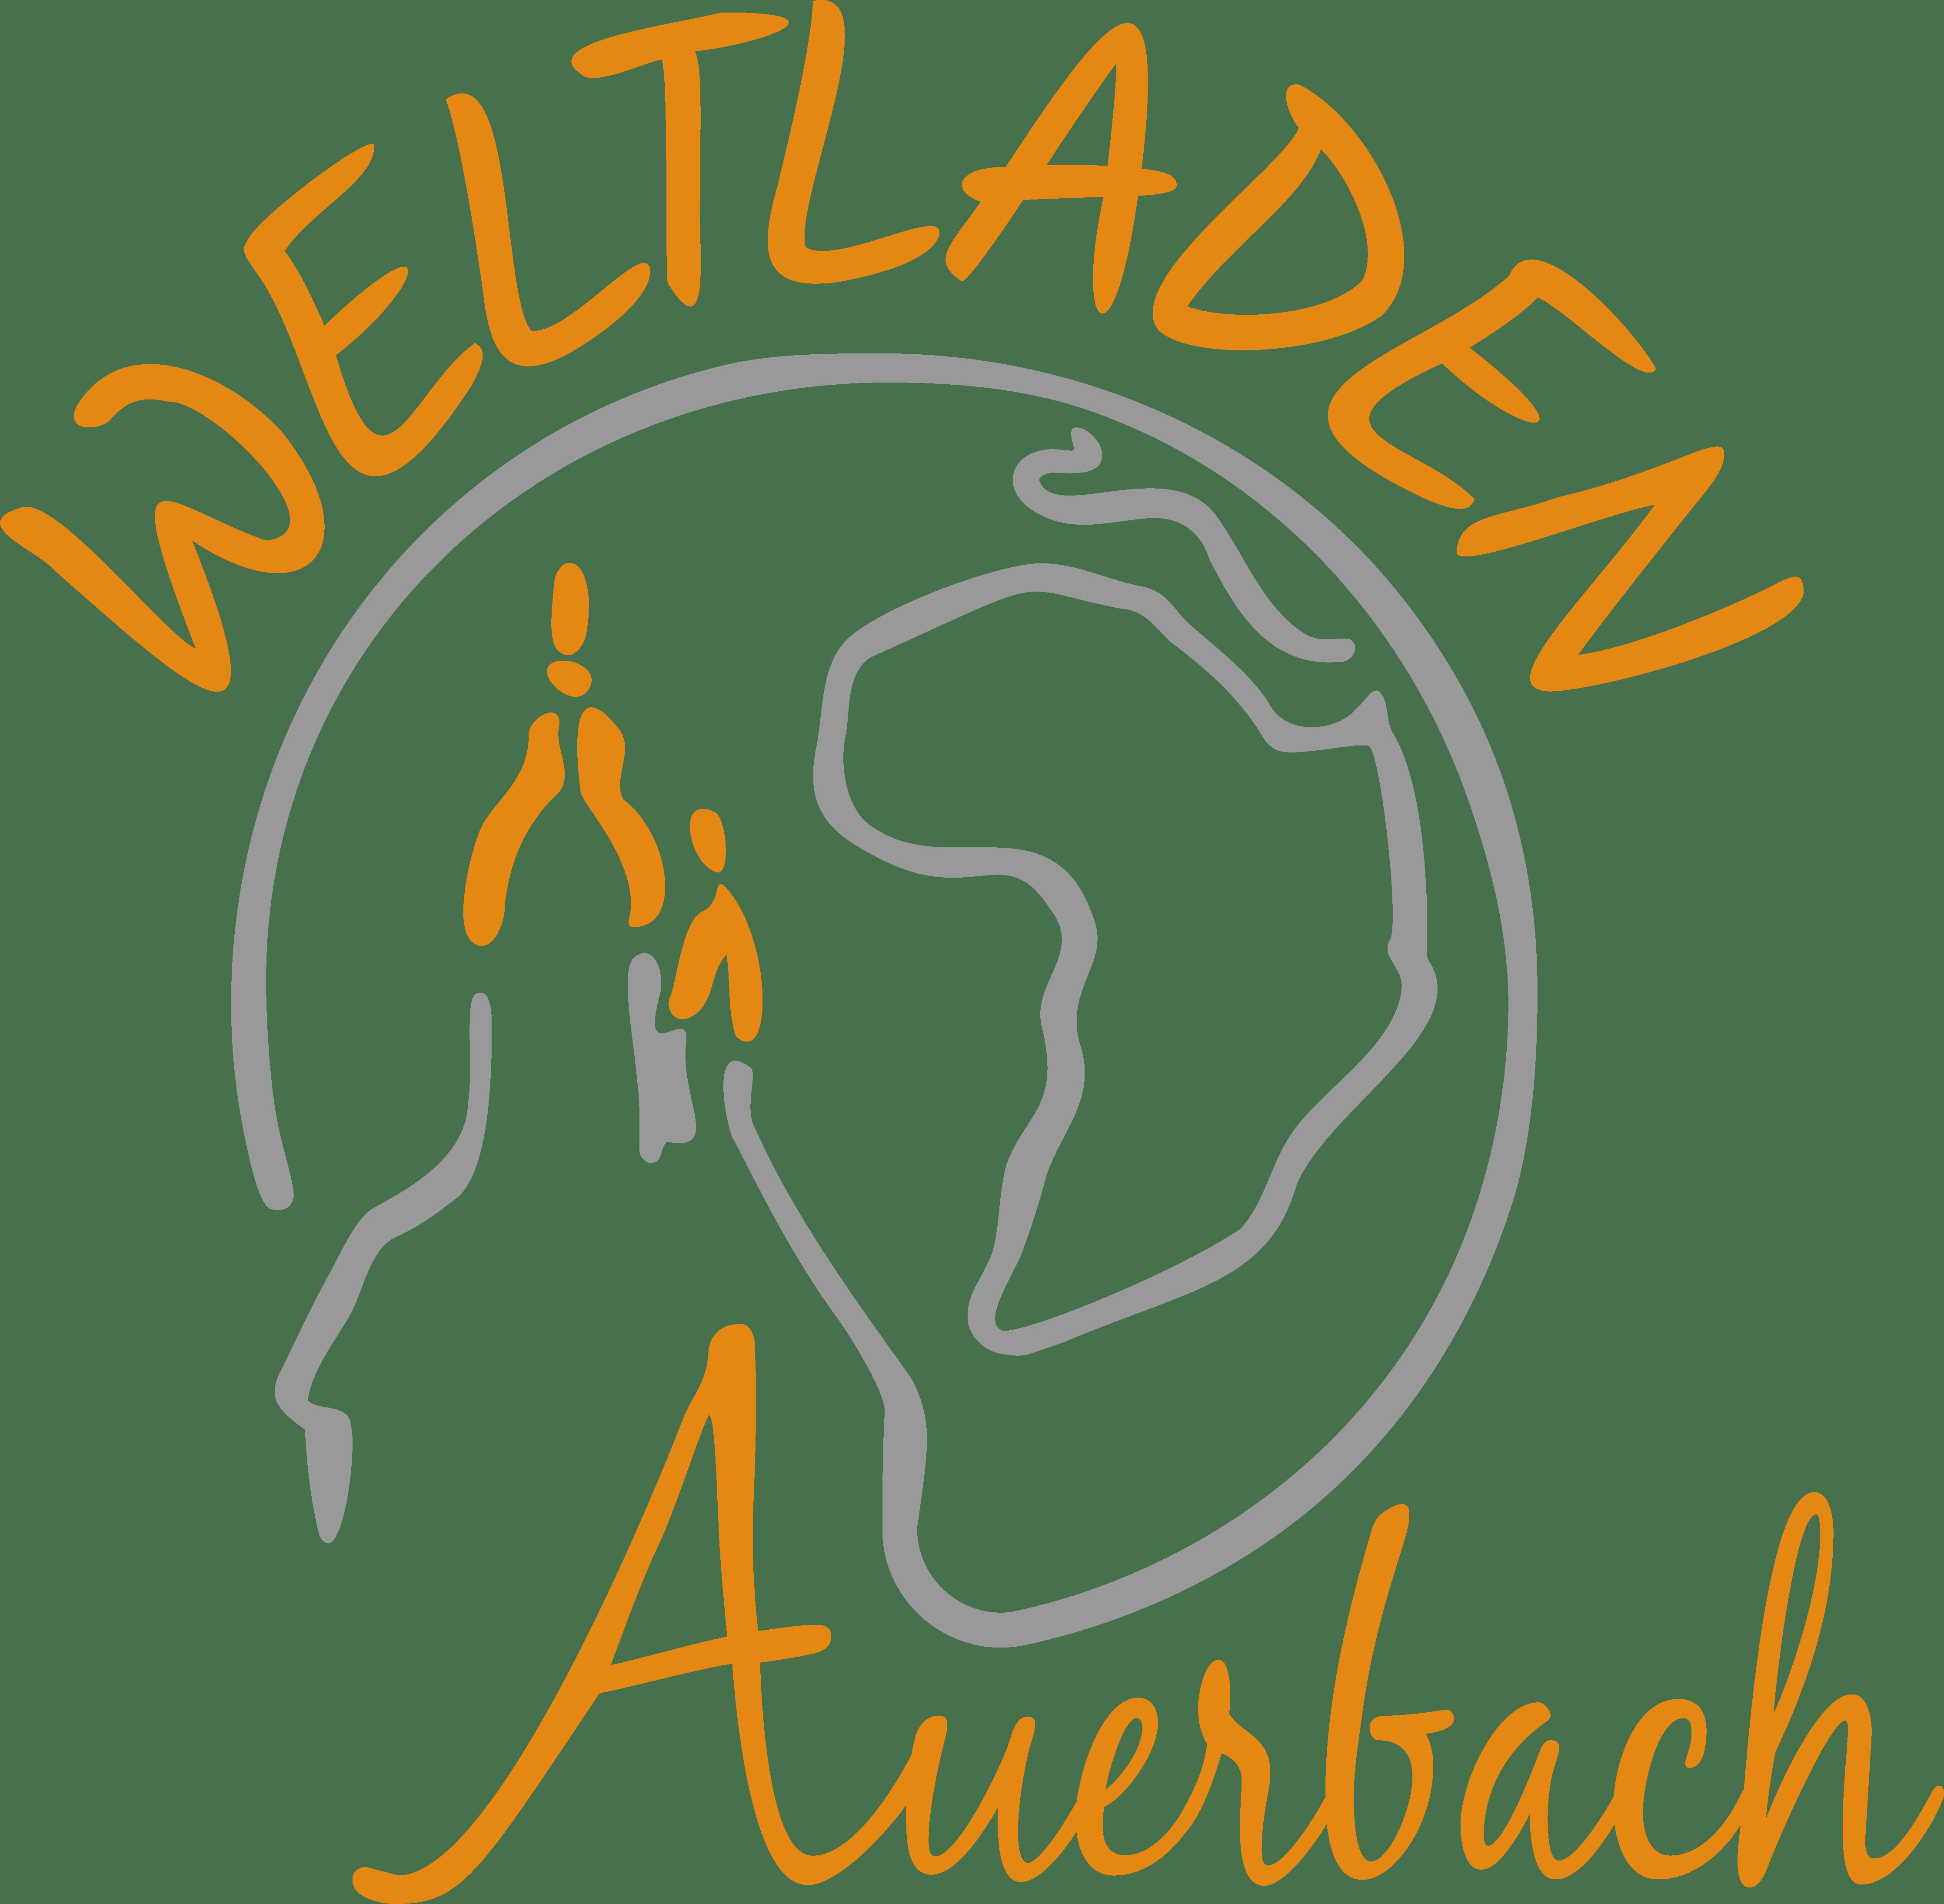 Weltladen Auerbach